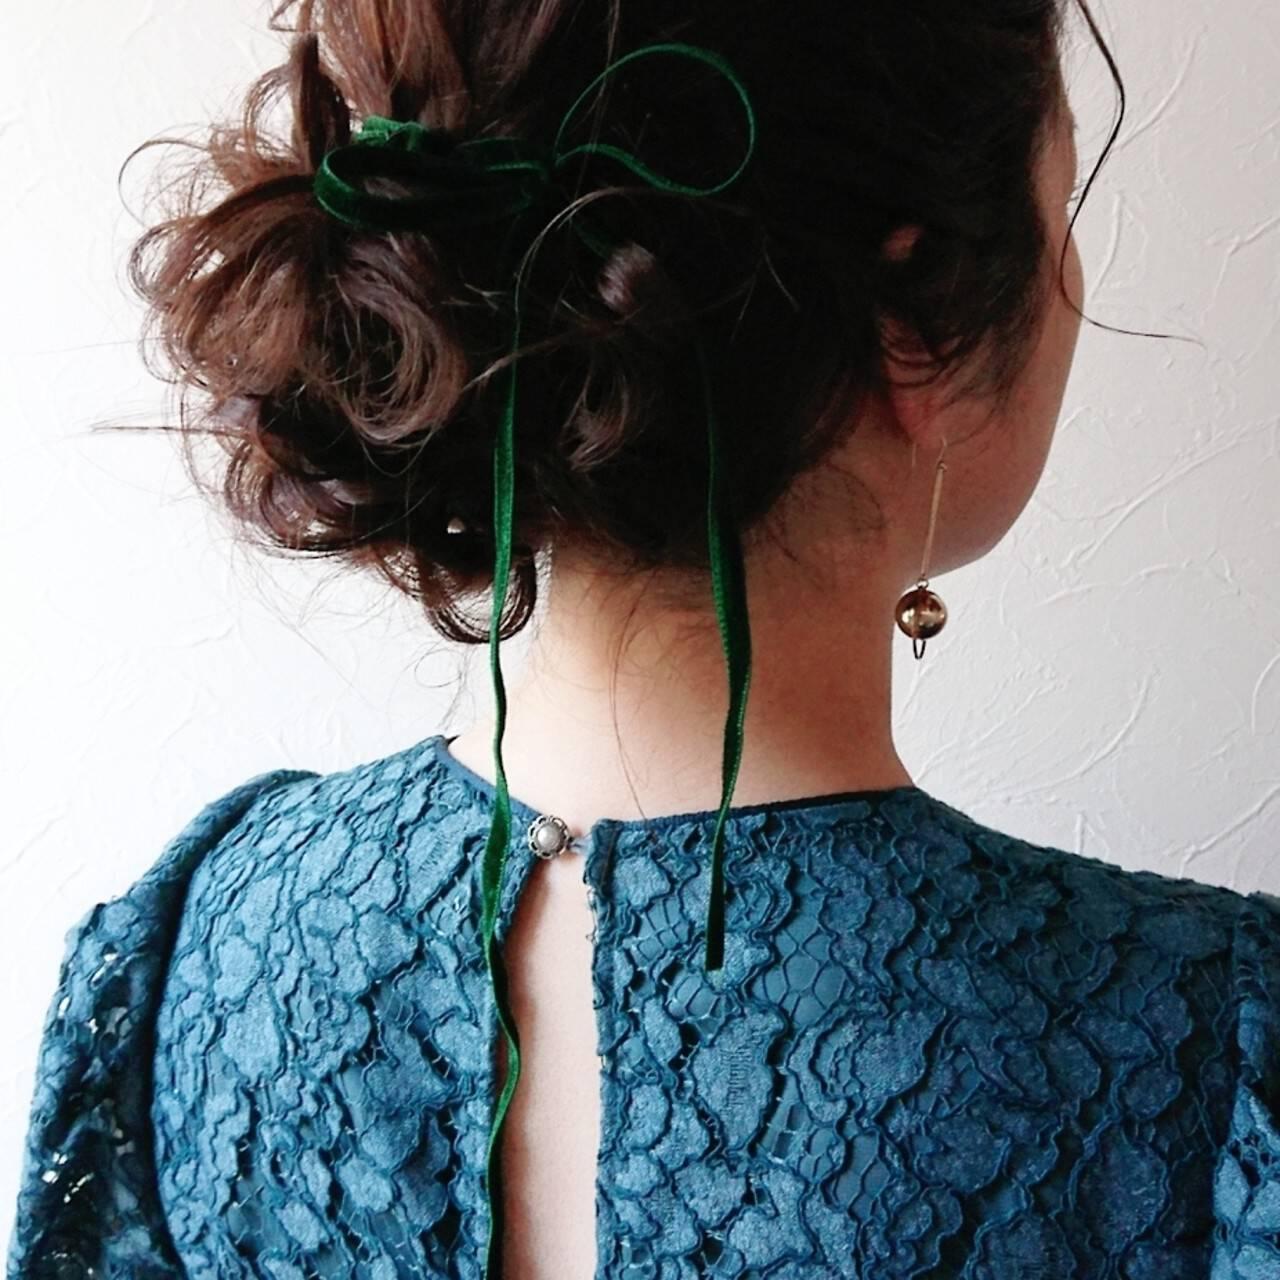 パーティー ゆるふわ 卒業式 ミディアムヘアスタイルや髪型の写真・画像